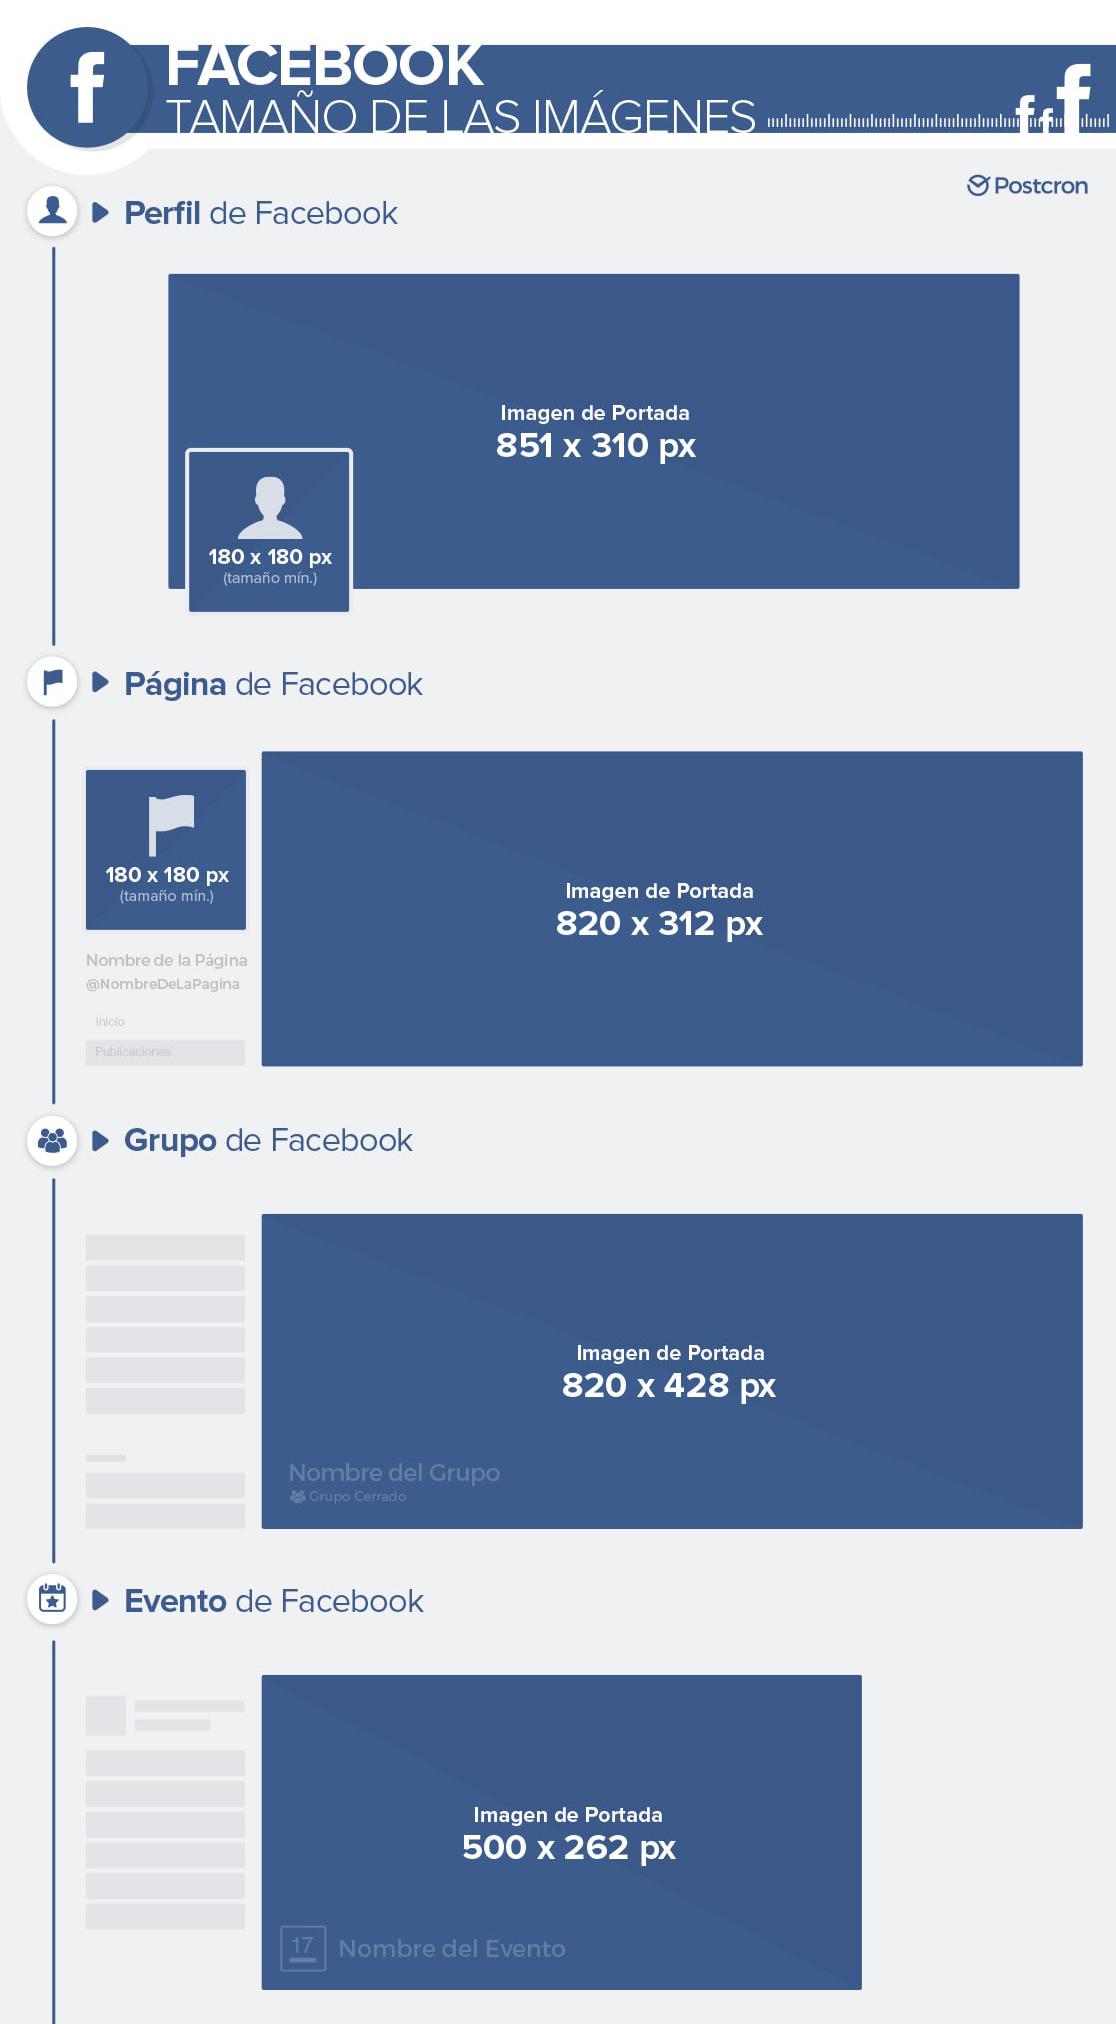 Tamaño-de-las-imágenes-de-portada-de-facebook